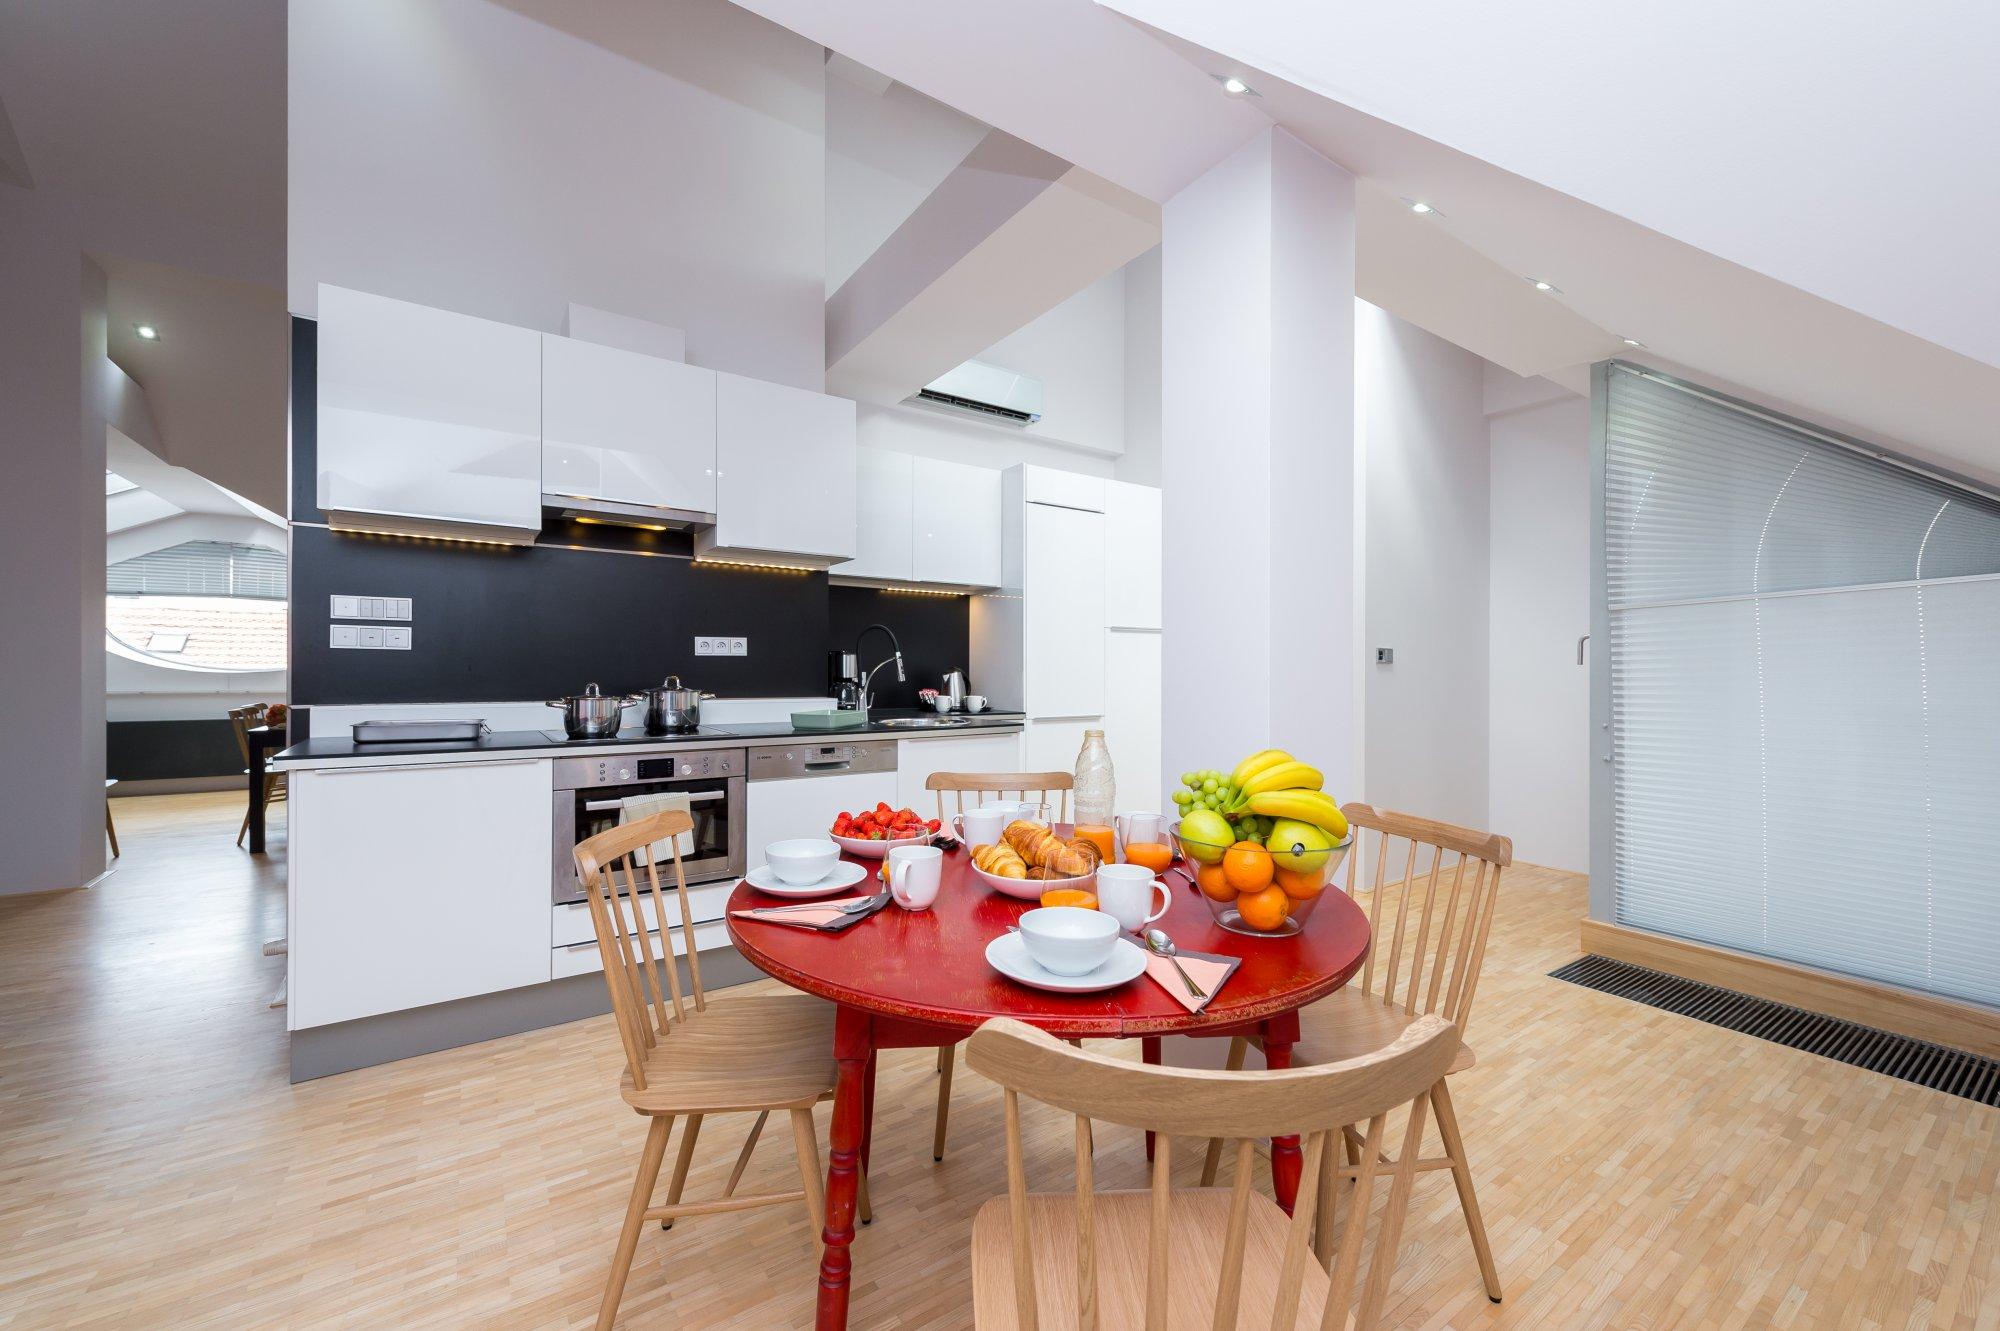 Půdní byt 4+kk, plocha 159 m², ulice Ve Smečkách, Praha 1 - Nové Město | 1